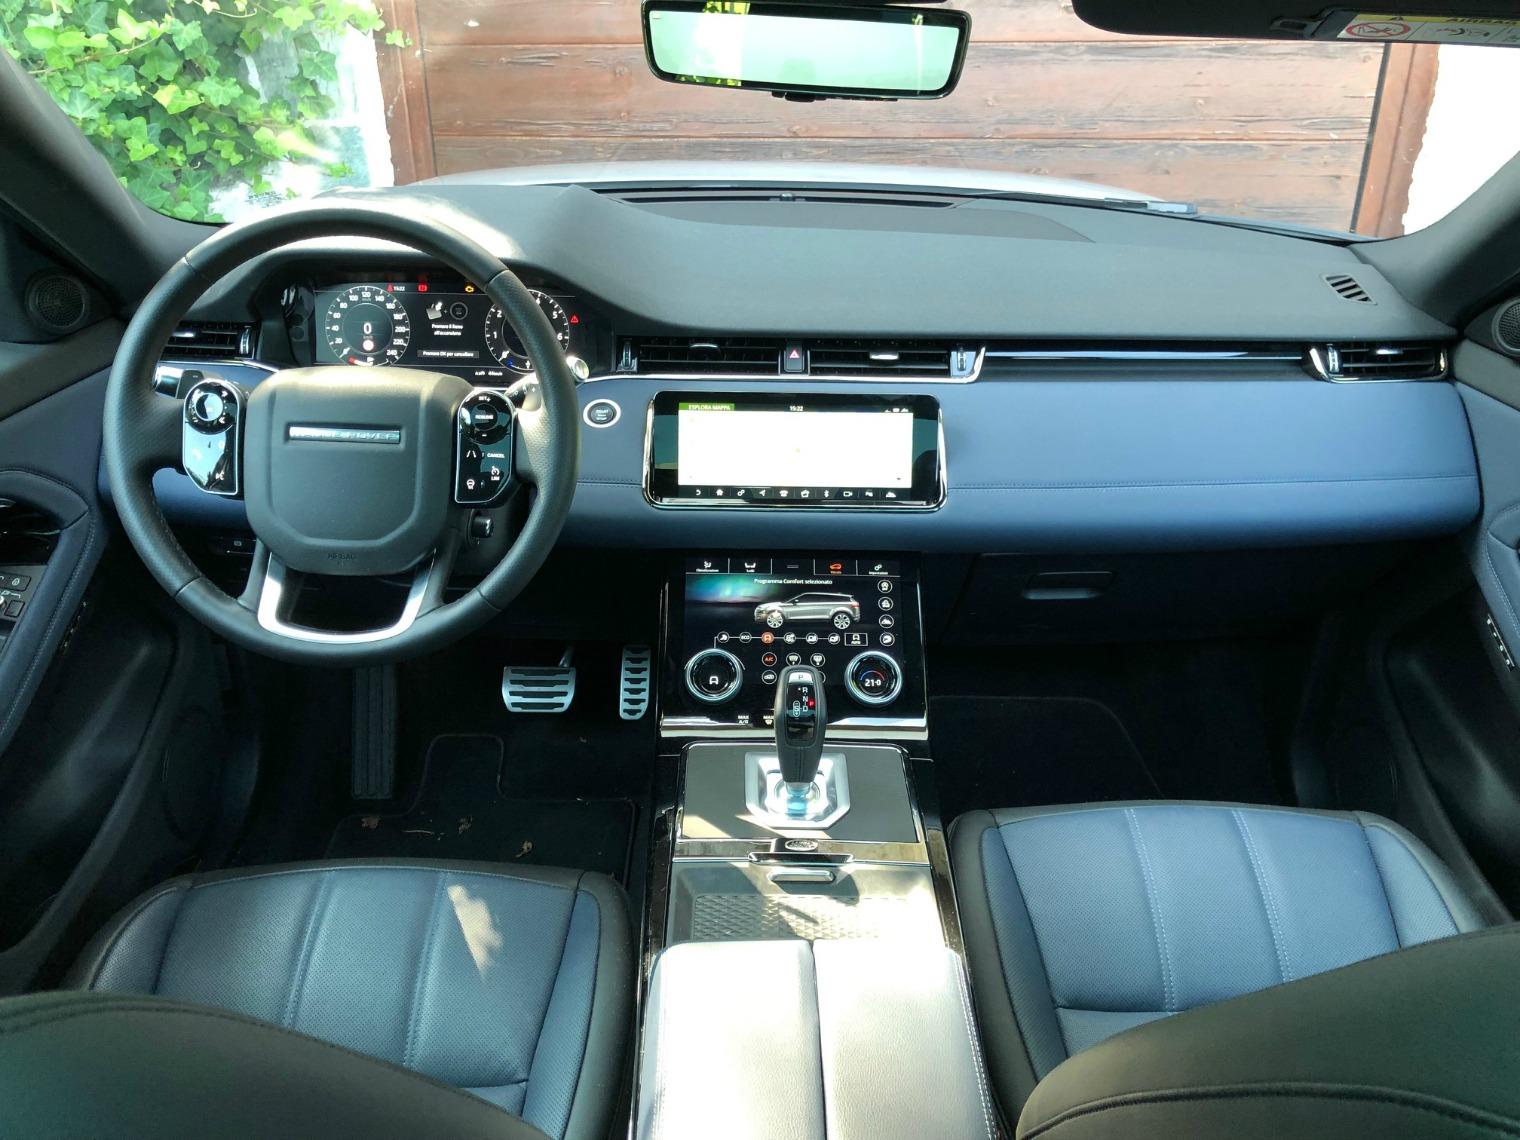 Interni nuova Range Rover Evoque